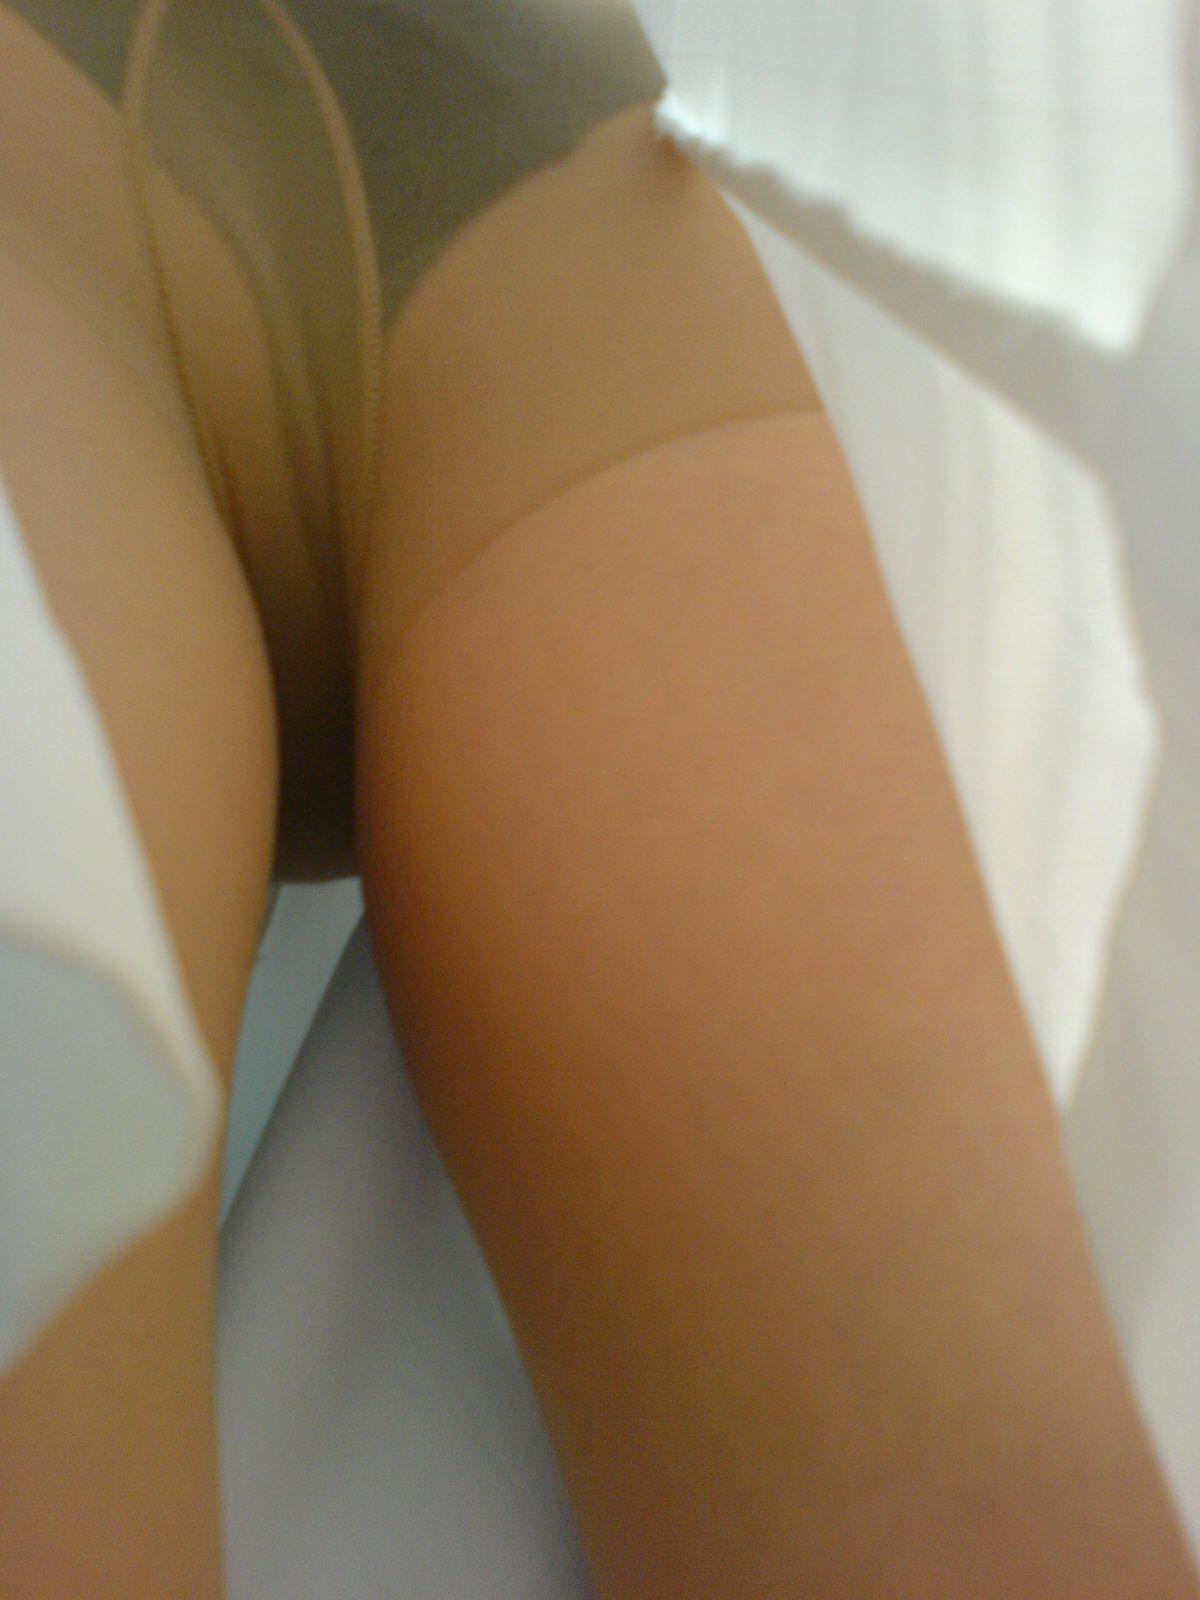 スケベな病人がナースのスカートの中身をガチ盗撮したパンチラ素人エロ画像 323